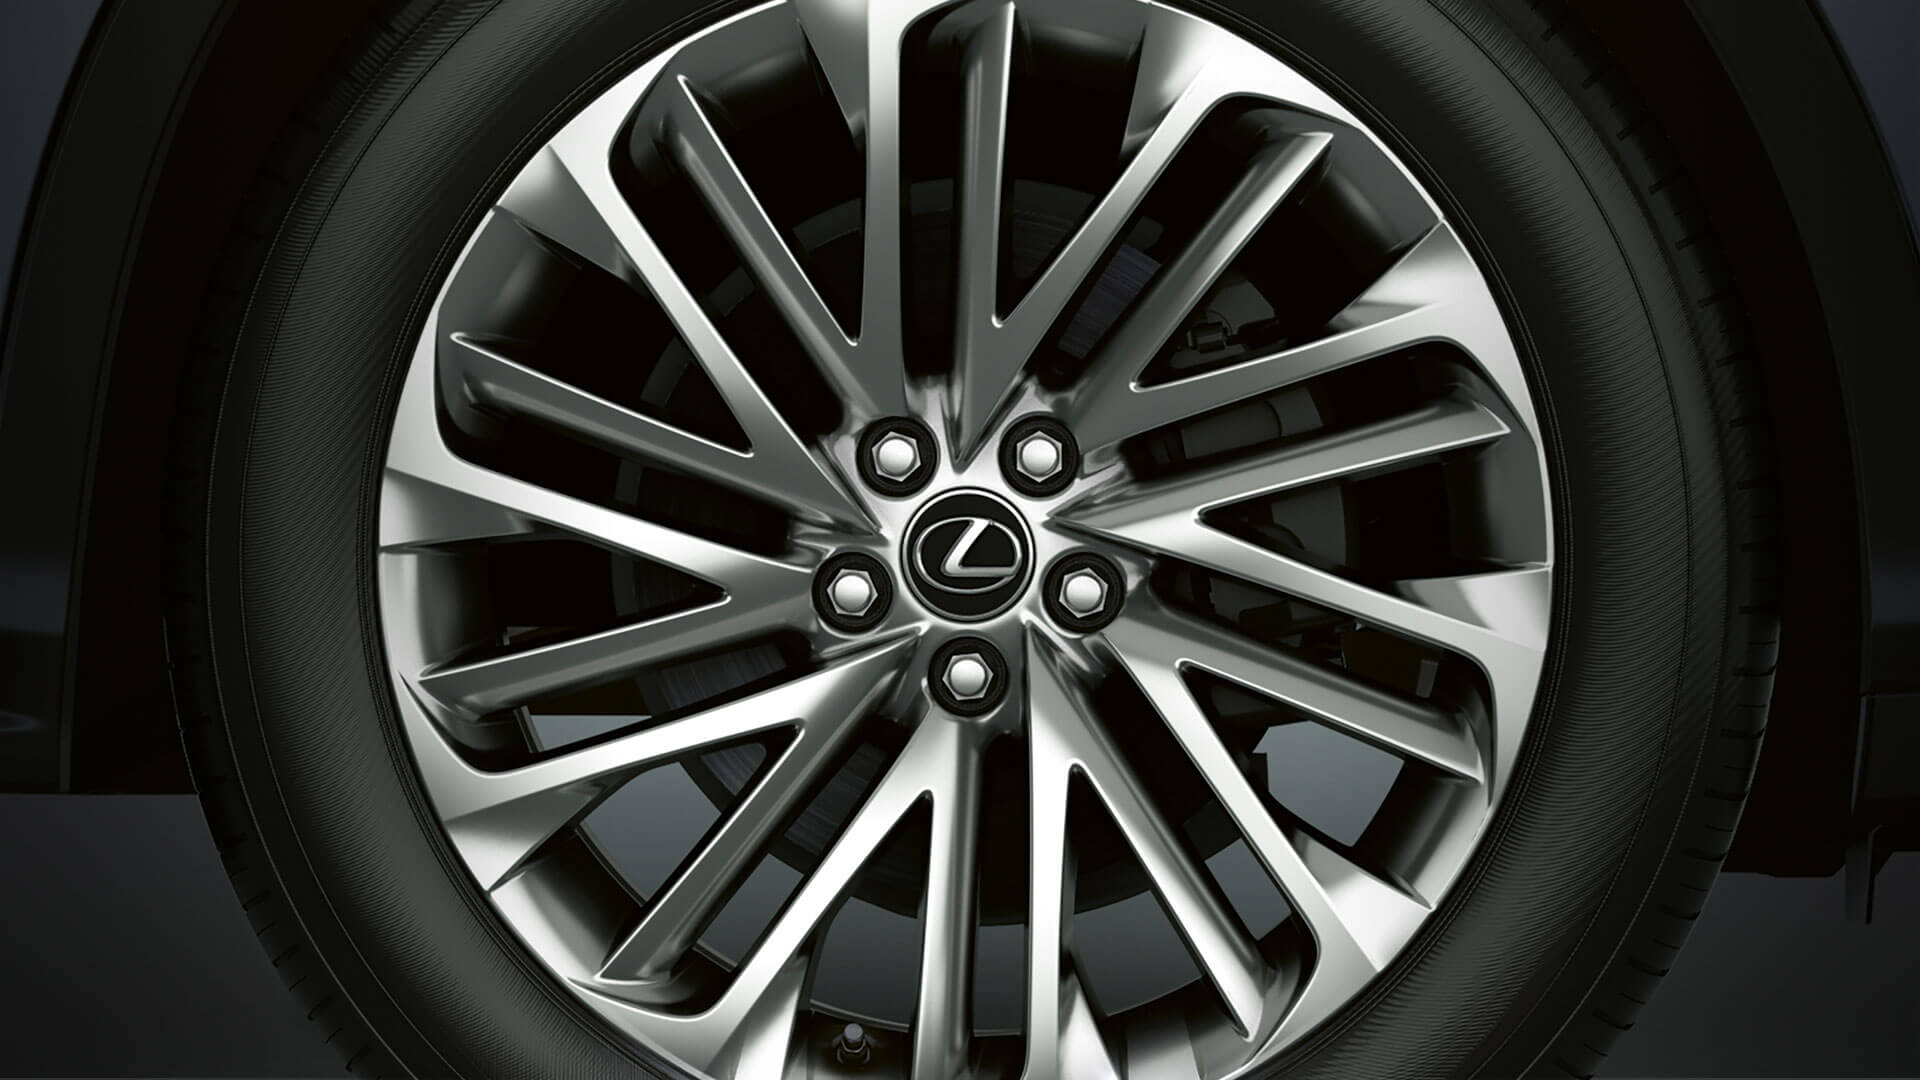 2019 lexus rxl hotspot 20 inch alloy wheels